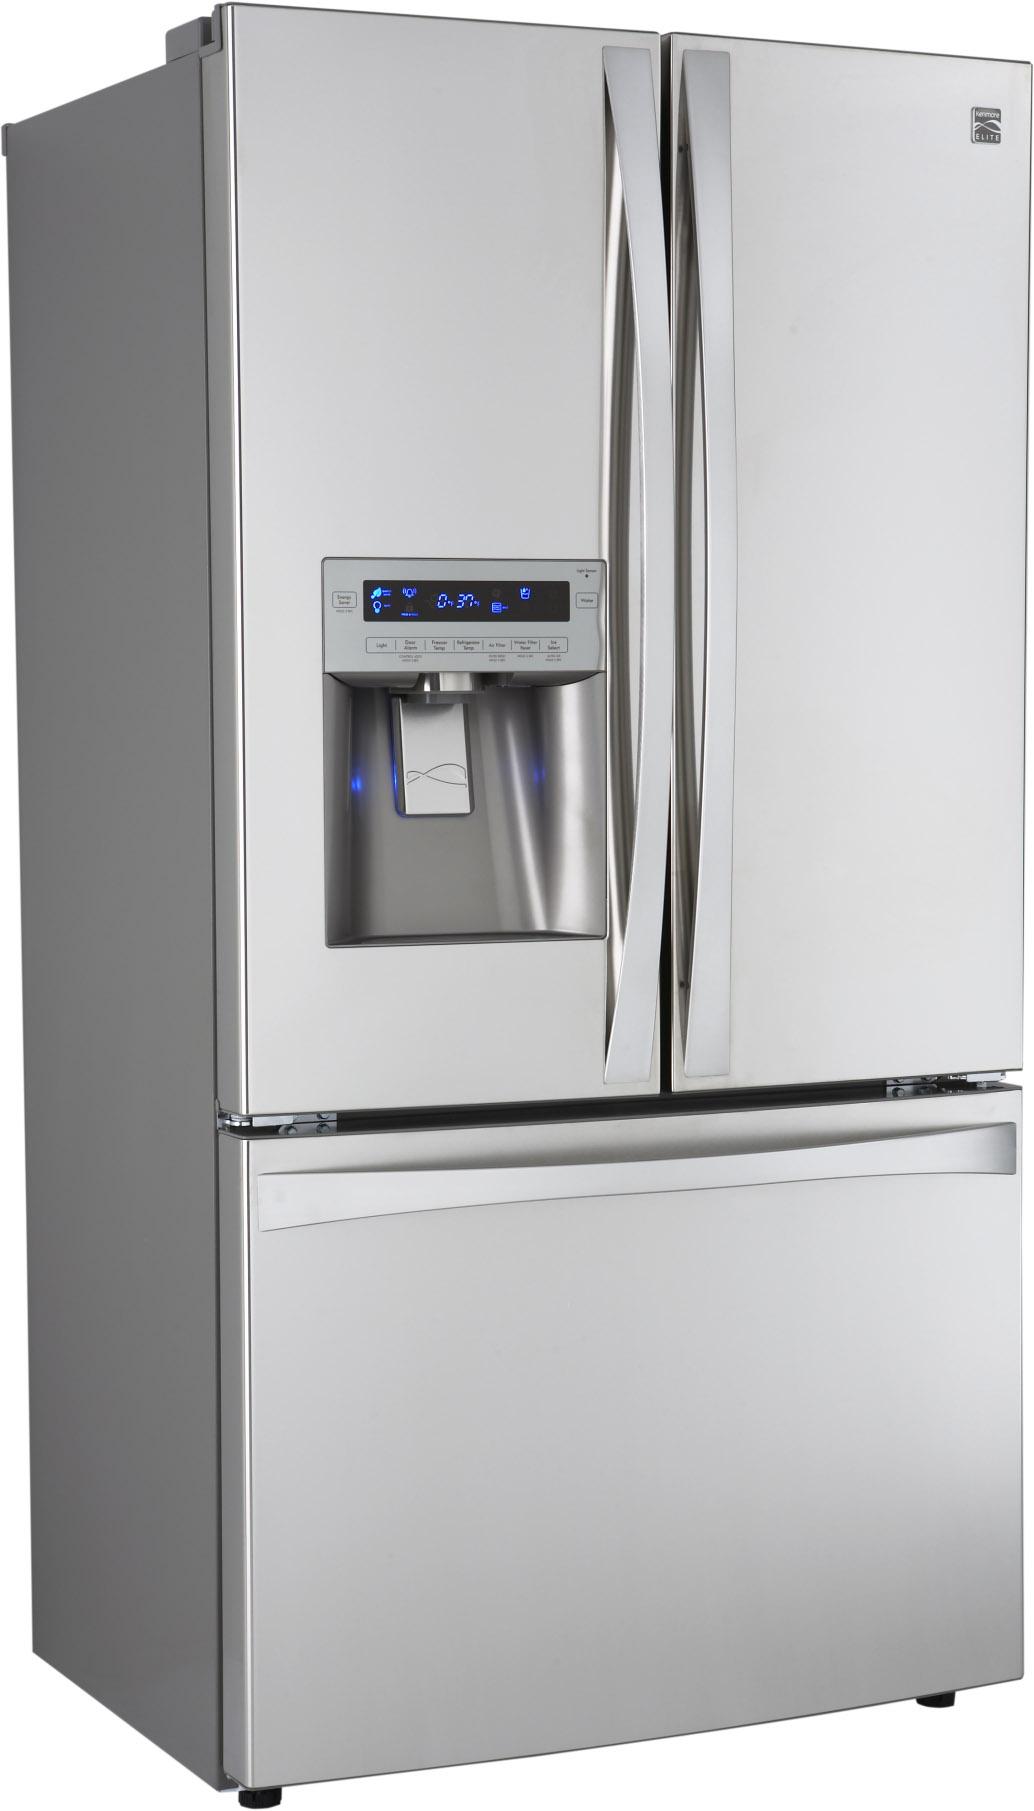 Kenmore Elite 25 cu. ft. French Door Counter-Depth Bottom-Freezer Refrigerator - Stainless Steel